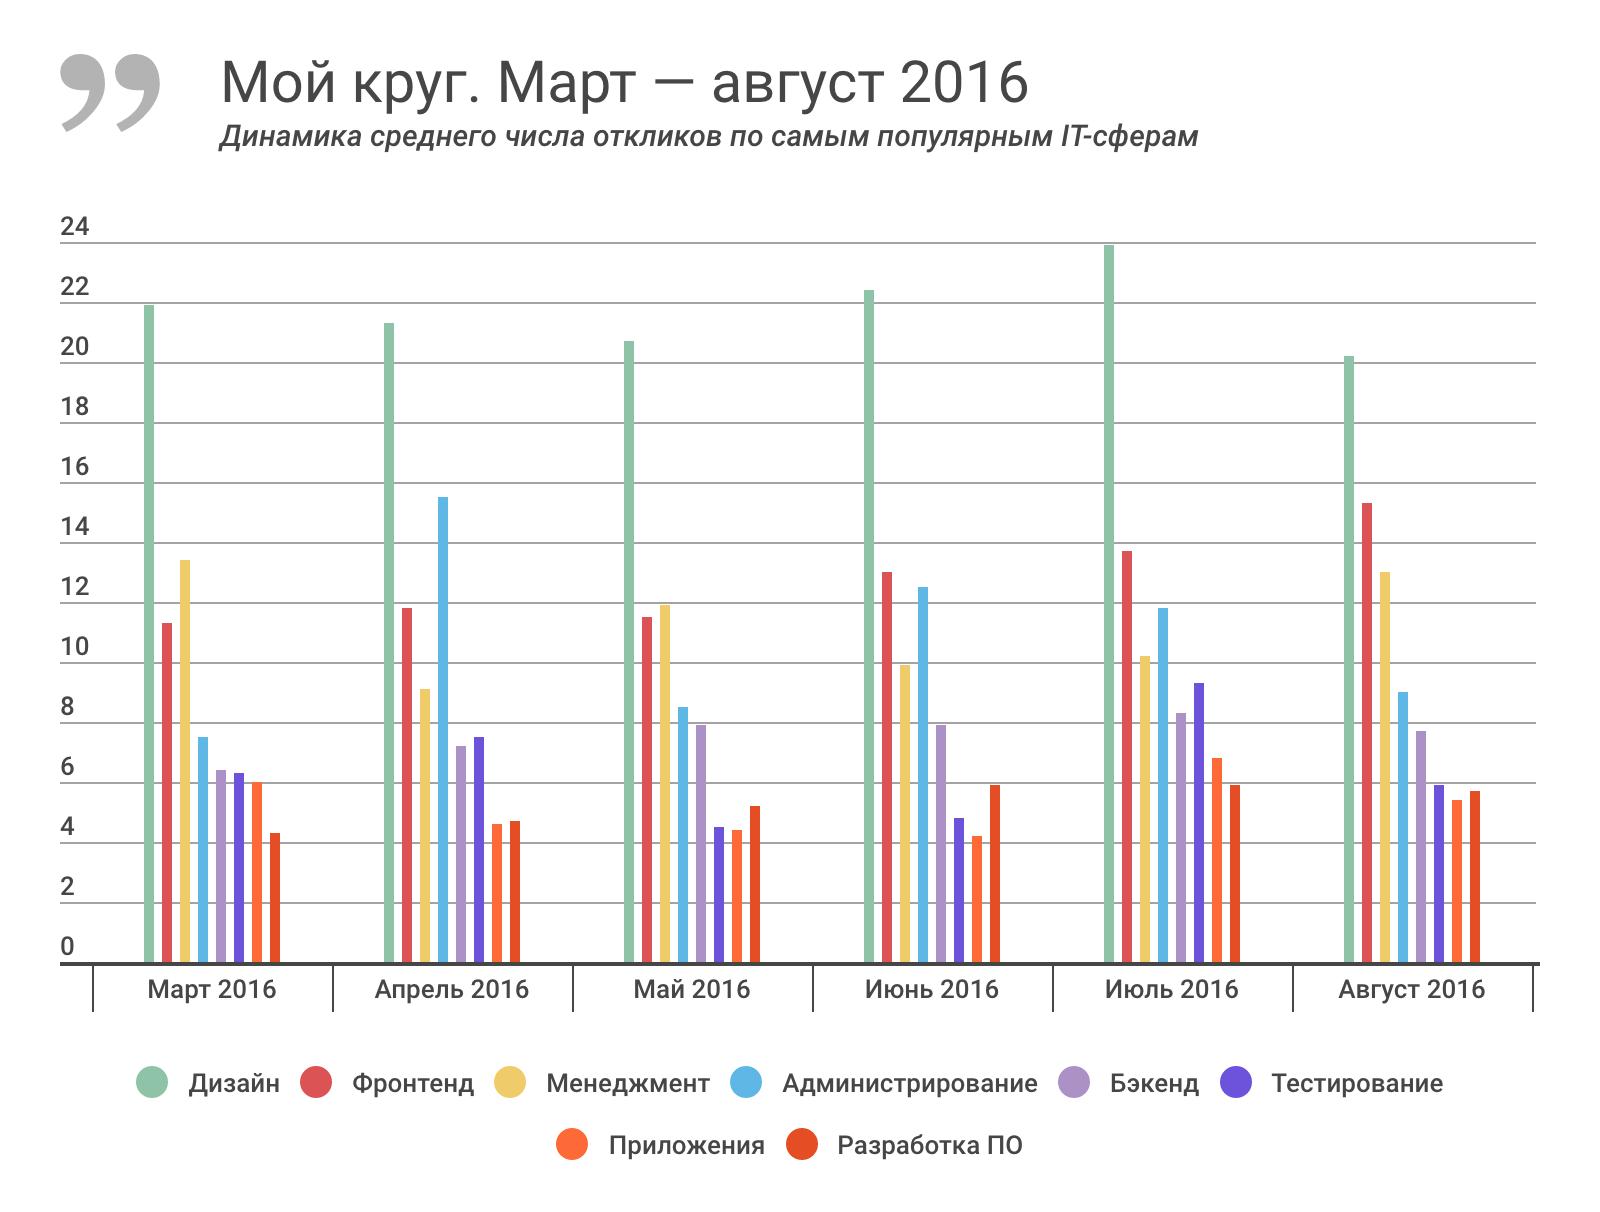 Отчет о результатах «Моего круга» за август 2016, и самые популярные вакансии месяца - 2